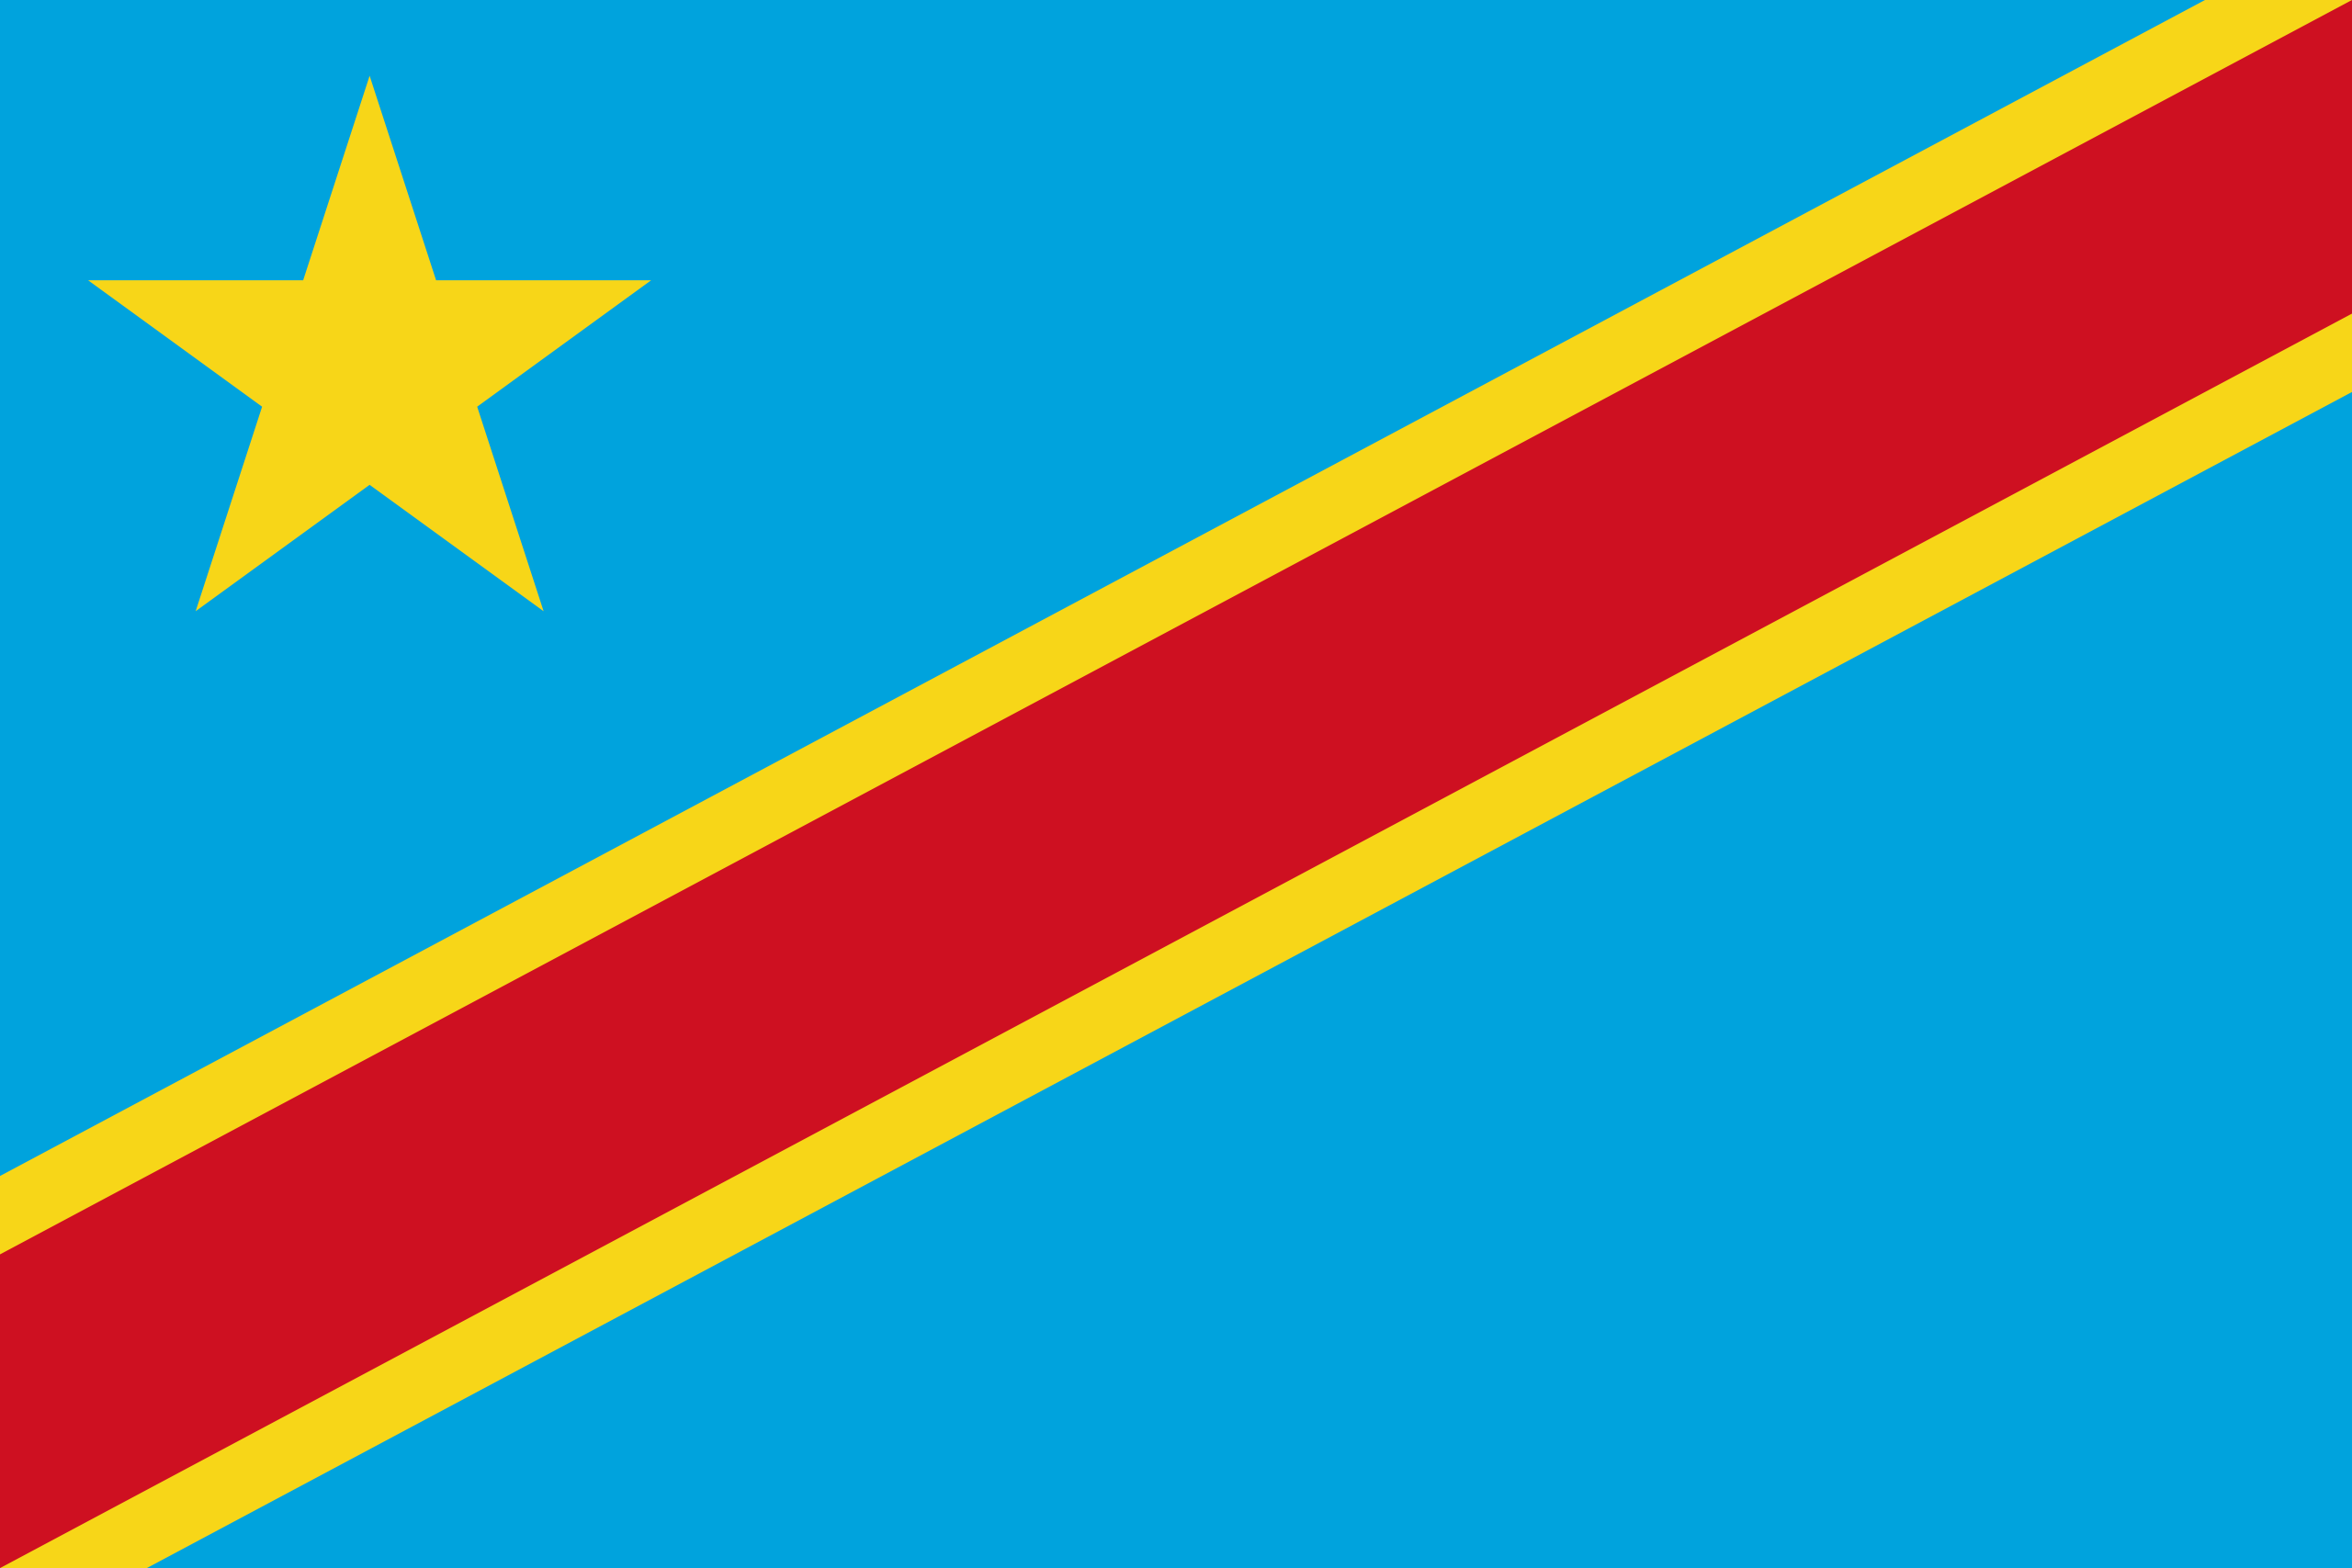 república democrática del congo, país, emblema, insignia, σύμβολο - Wallpapers HD - Professor-falken.com